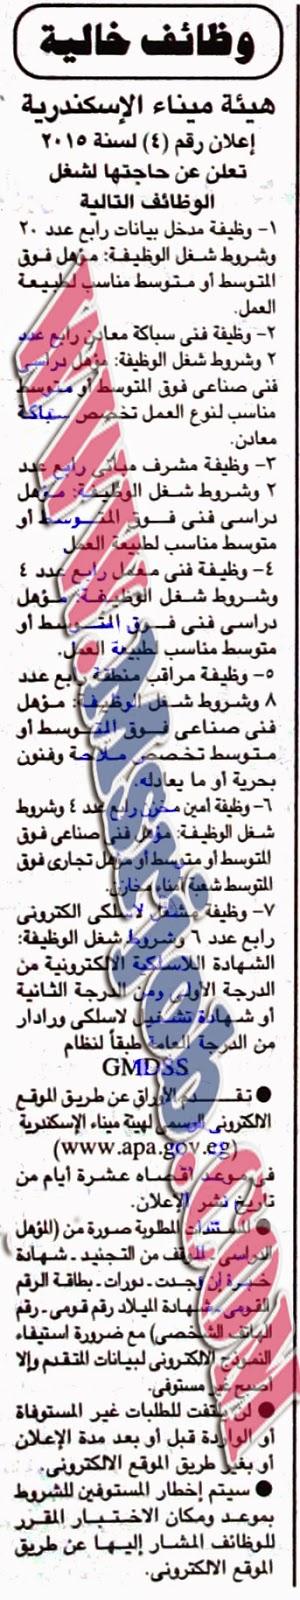 وظائف هيئة ميناء الاسكندرية - اعلان رقم 4 لسنة 2015